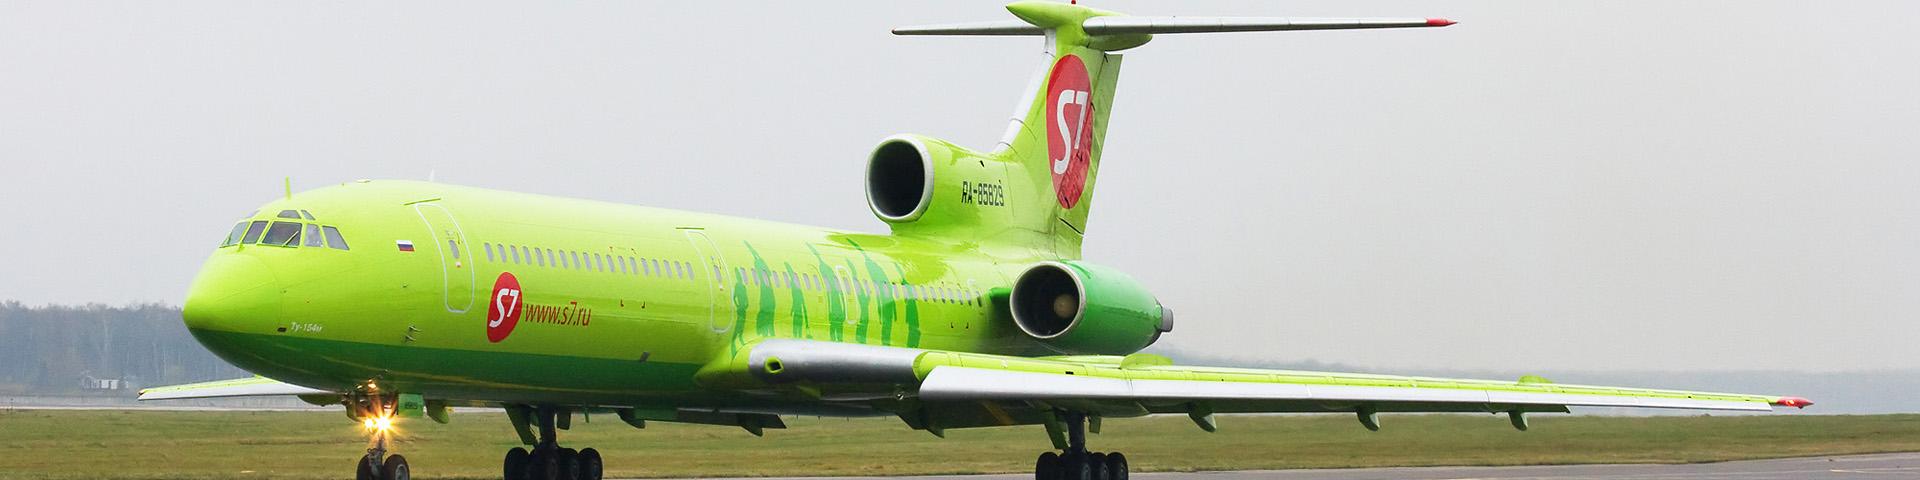 Ту-154 S7 Airlines